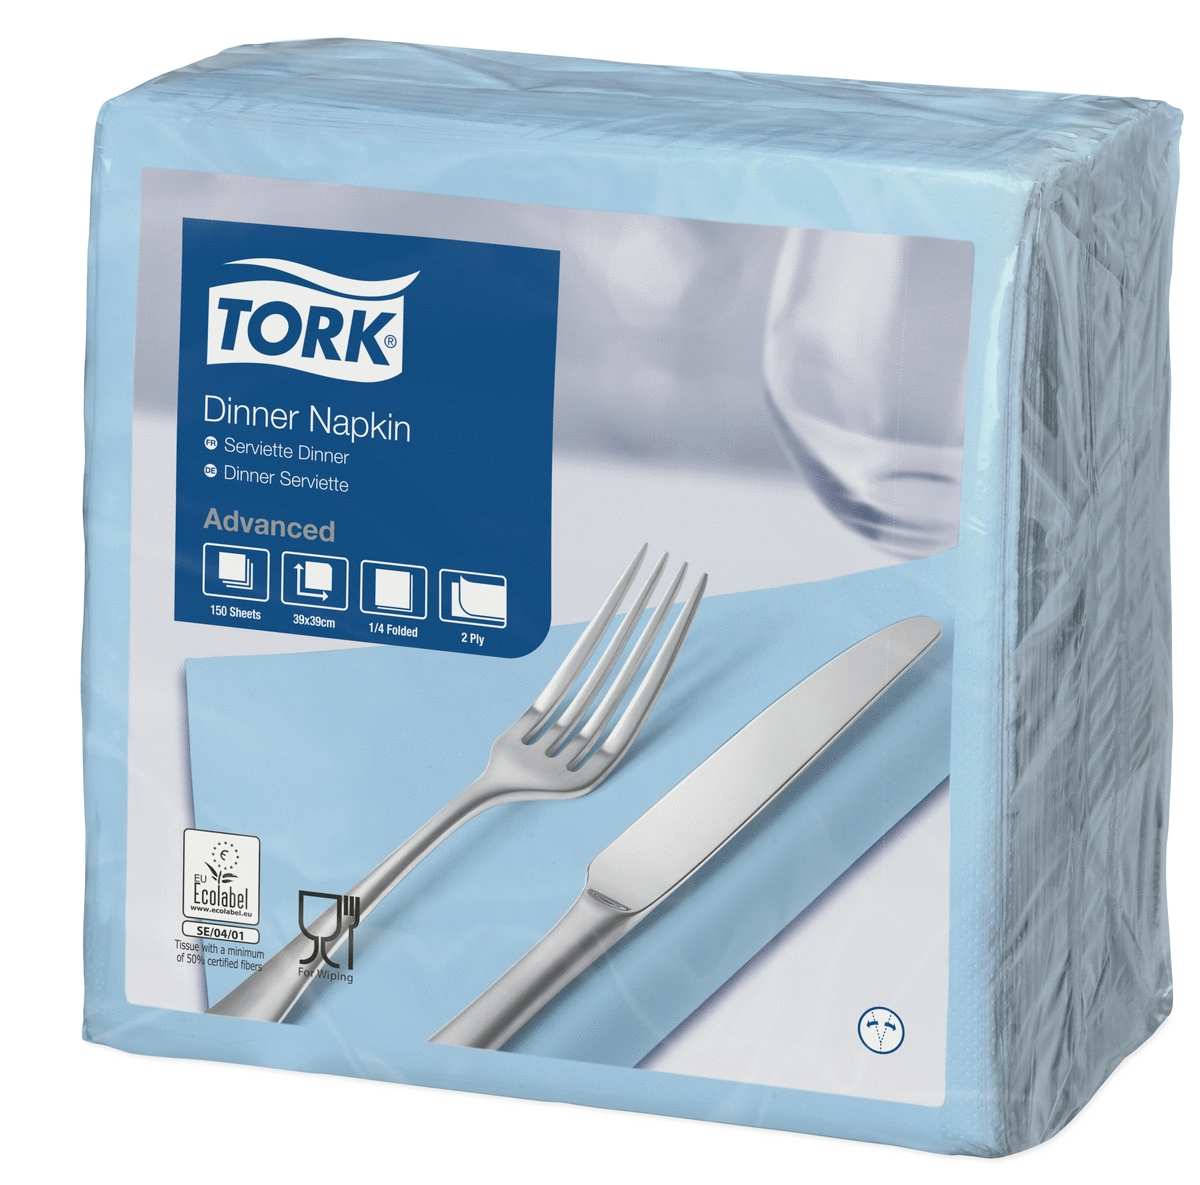 Serviette bleu clair ouate de cellulose 39x39 cm Tork (150 pièces)